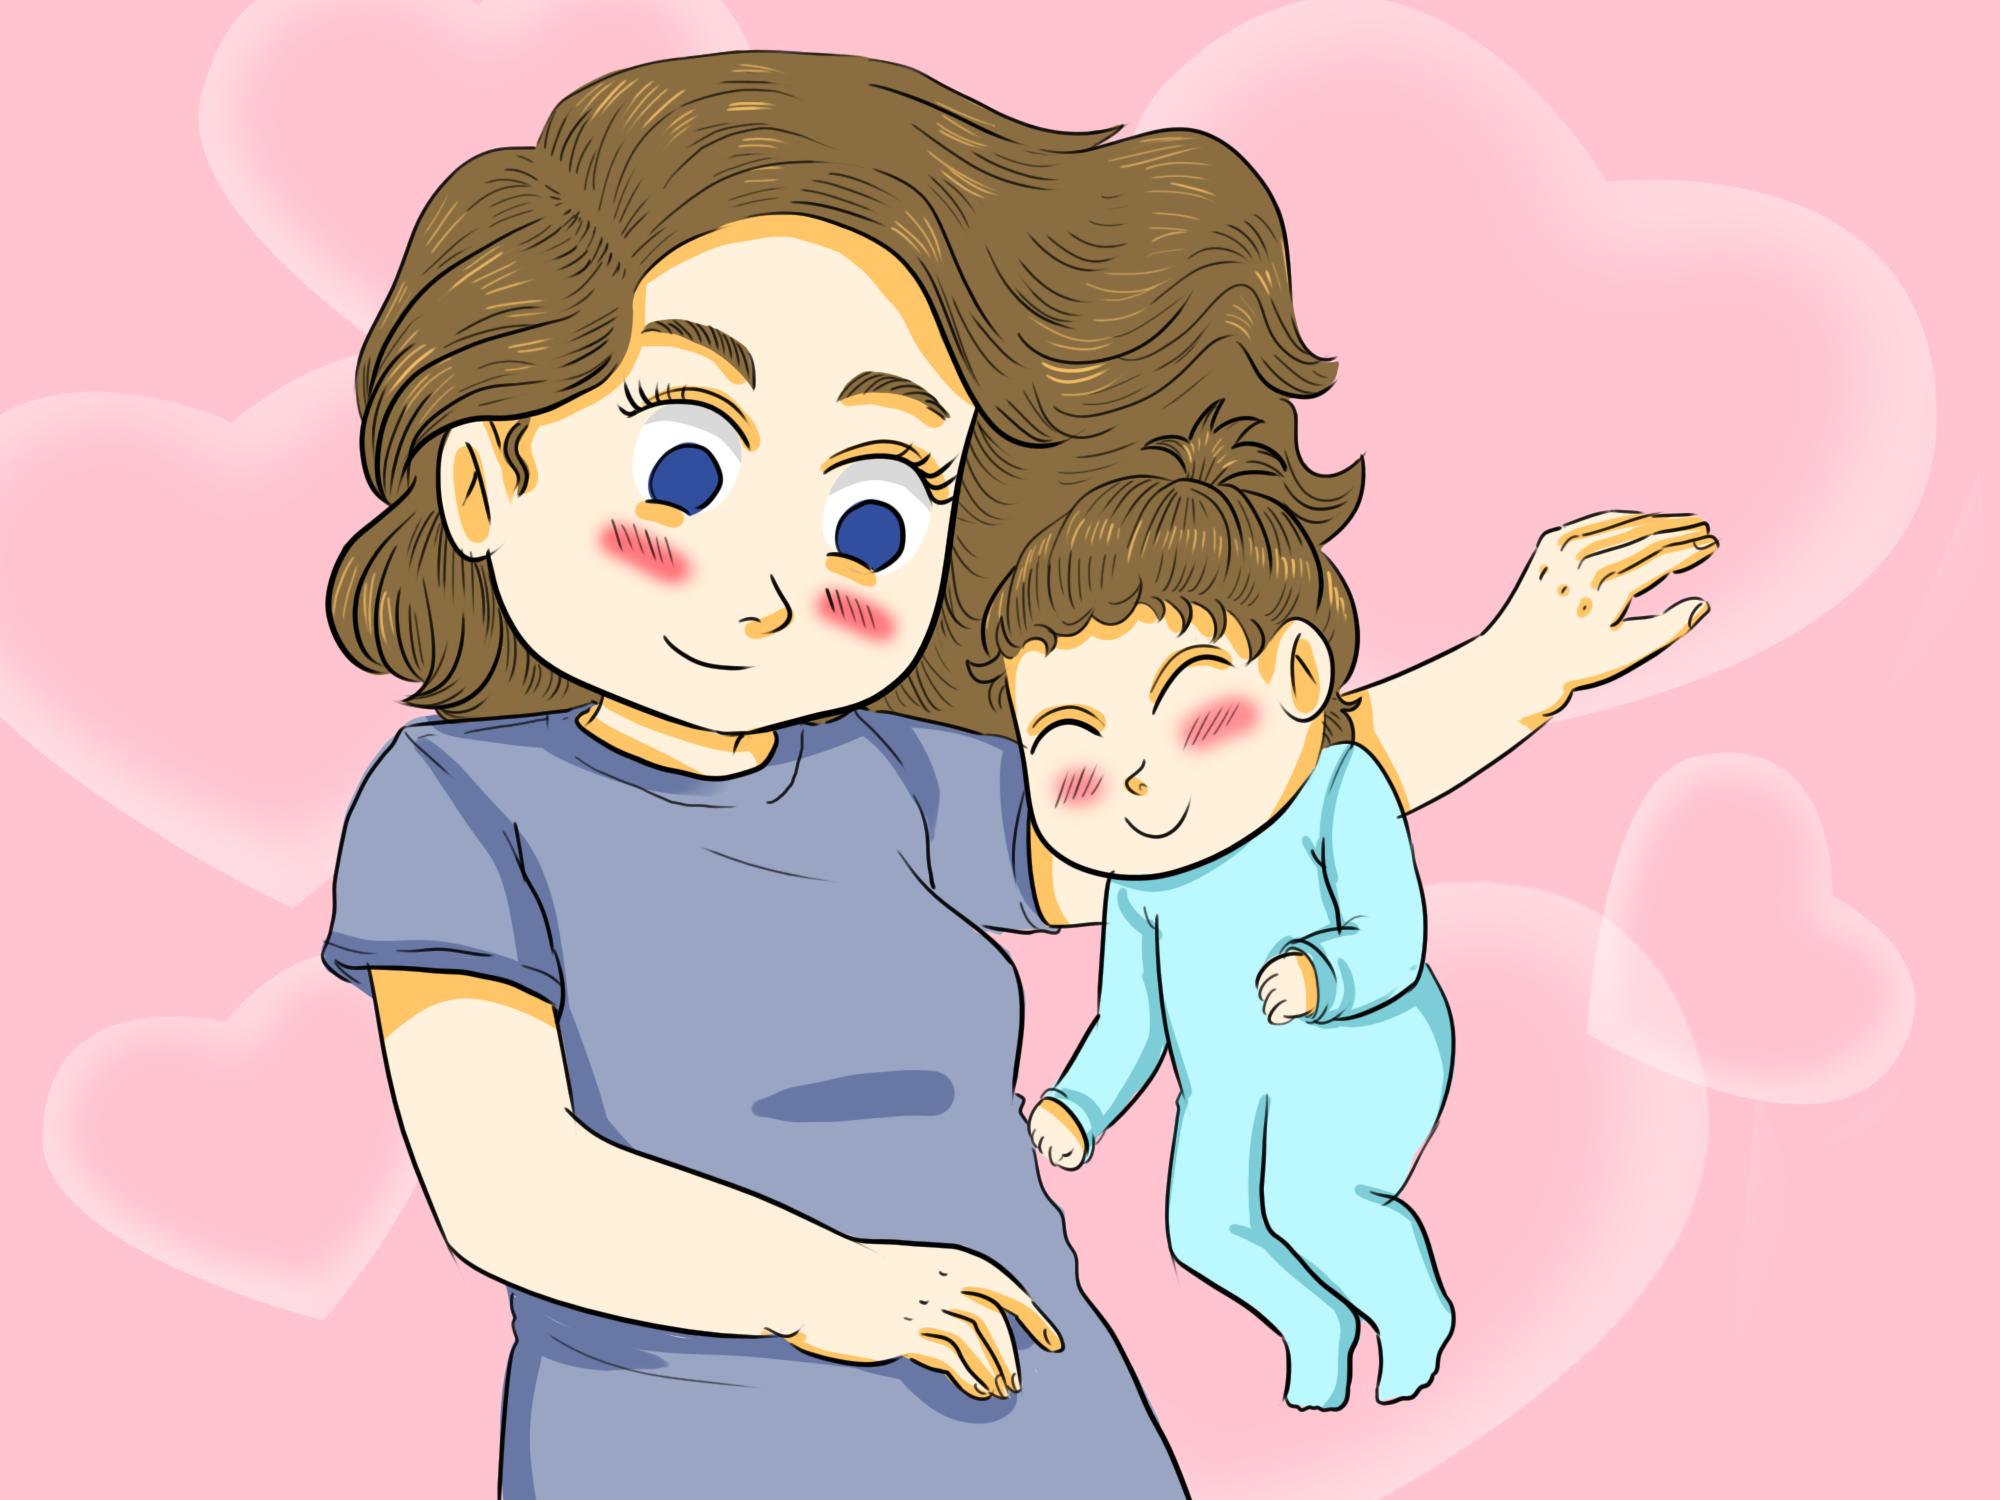 孩子三歲前最好和媽媽一起睡,這幾個好處,別人真的給不了